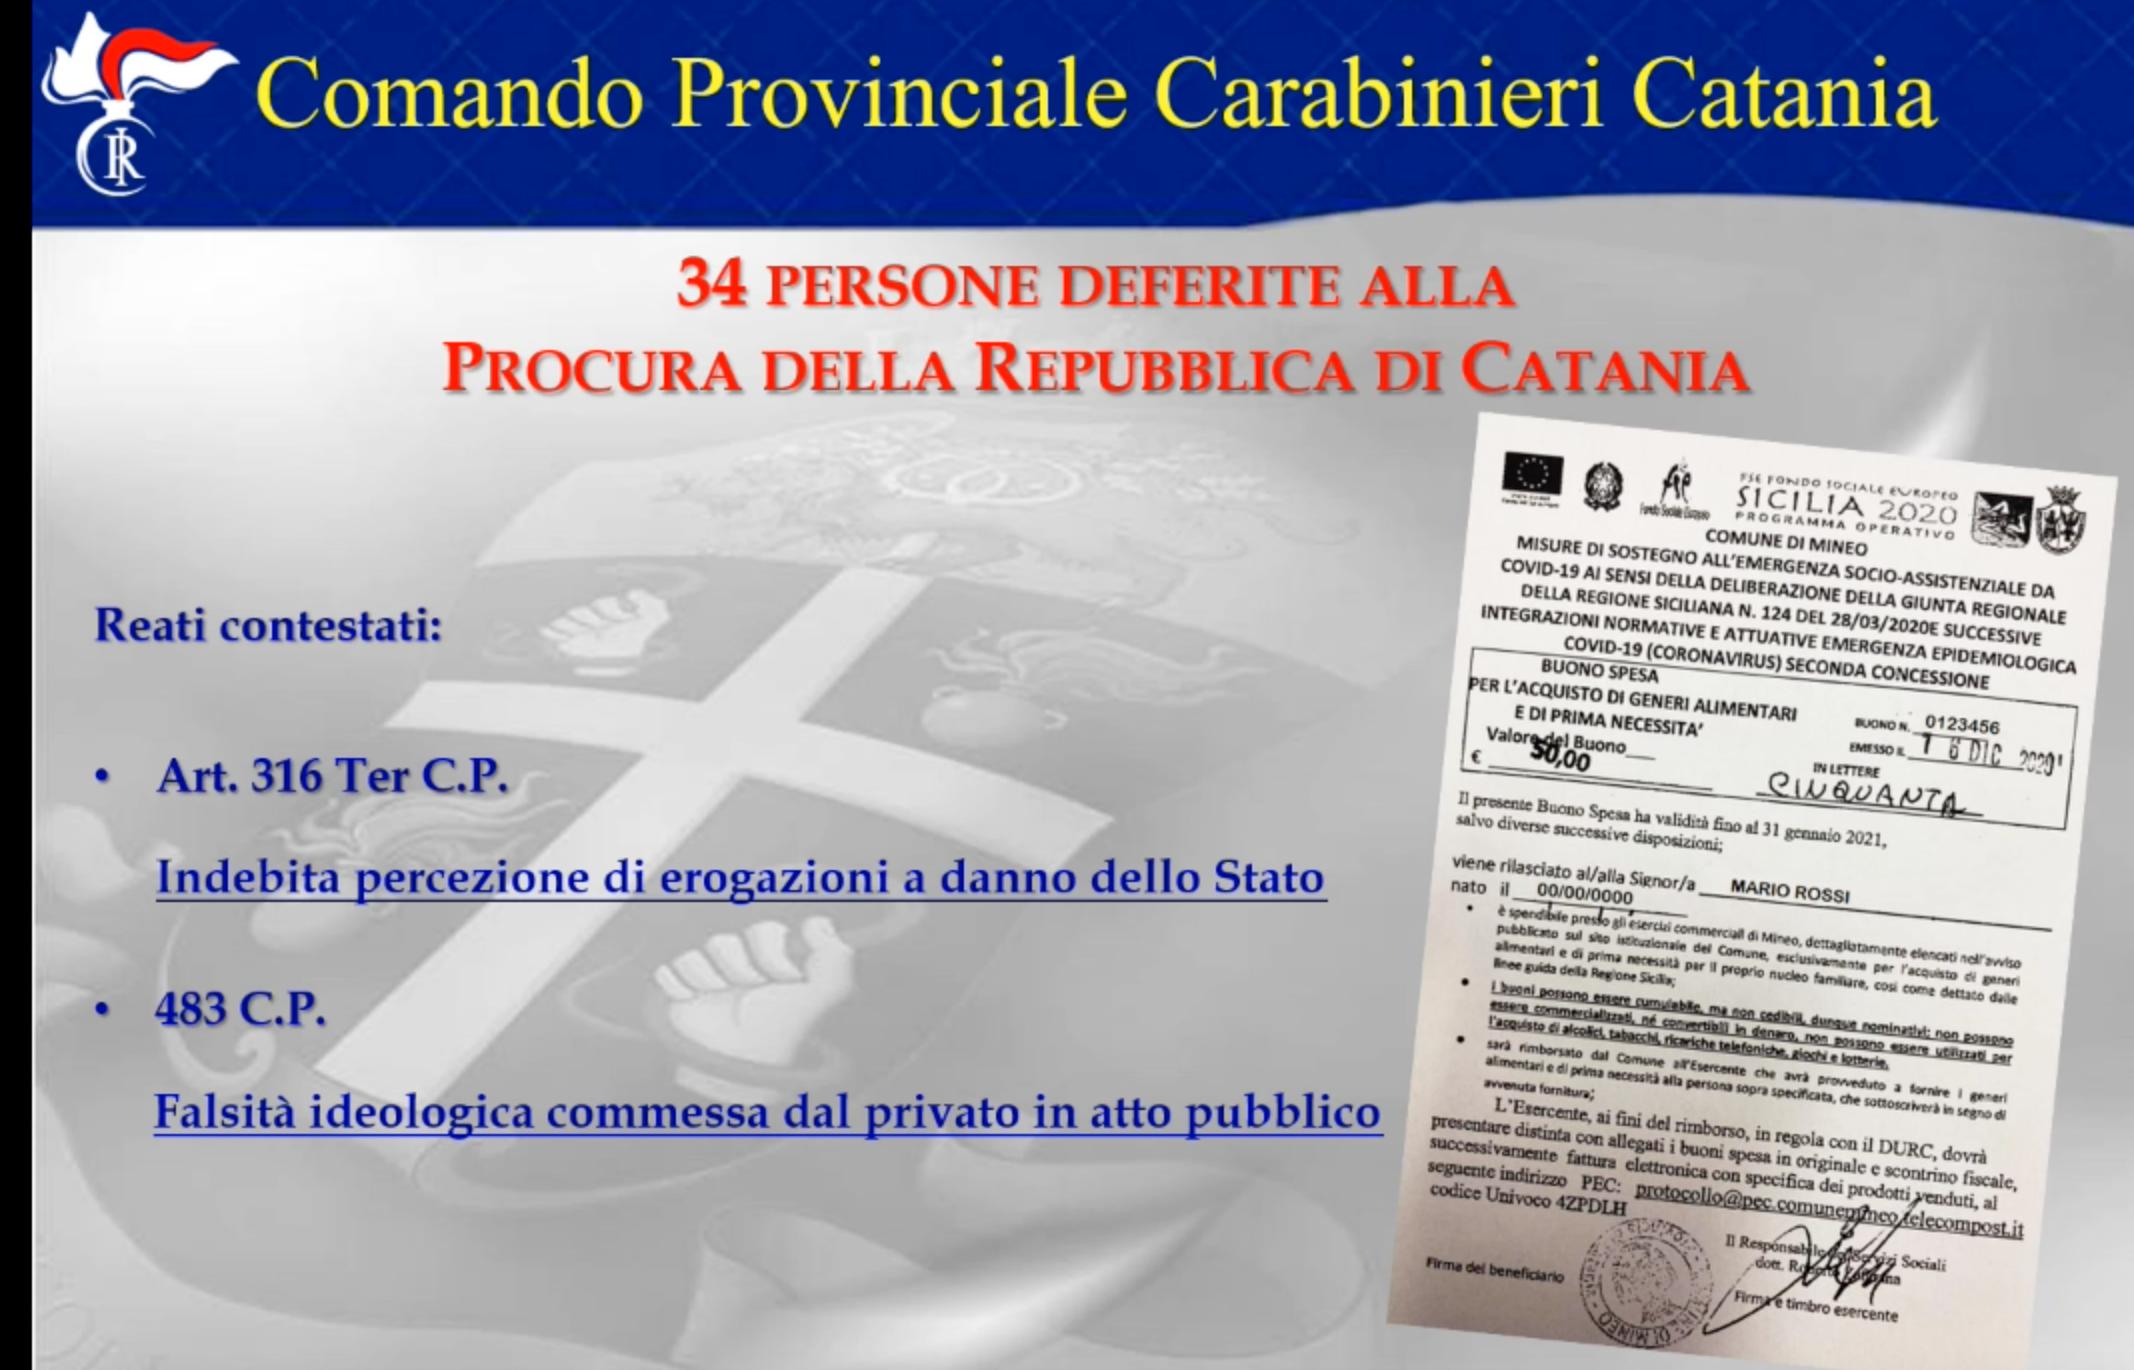 Truffe tra Reddito e buoni spesa, 34 denunciati nel Catanese